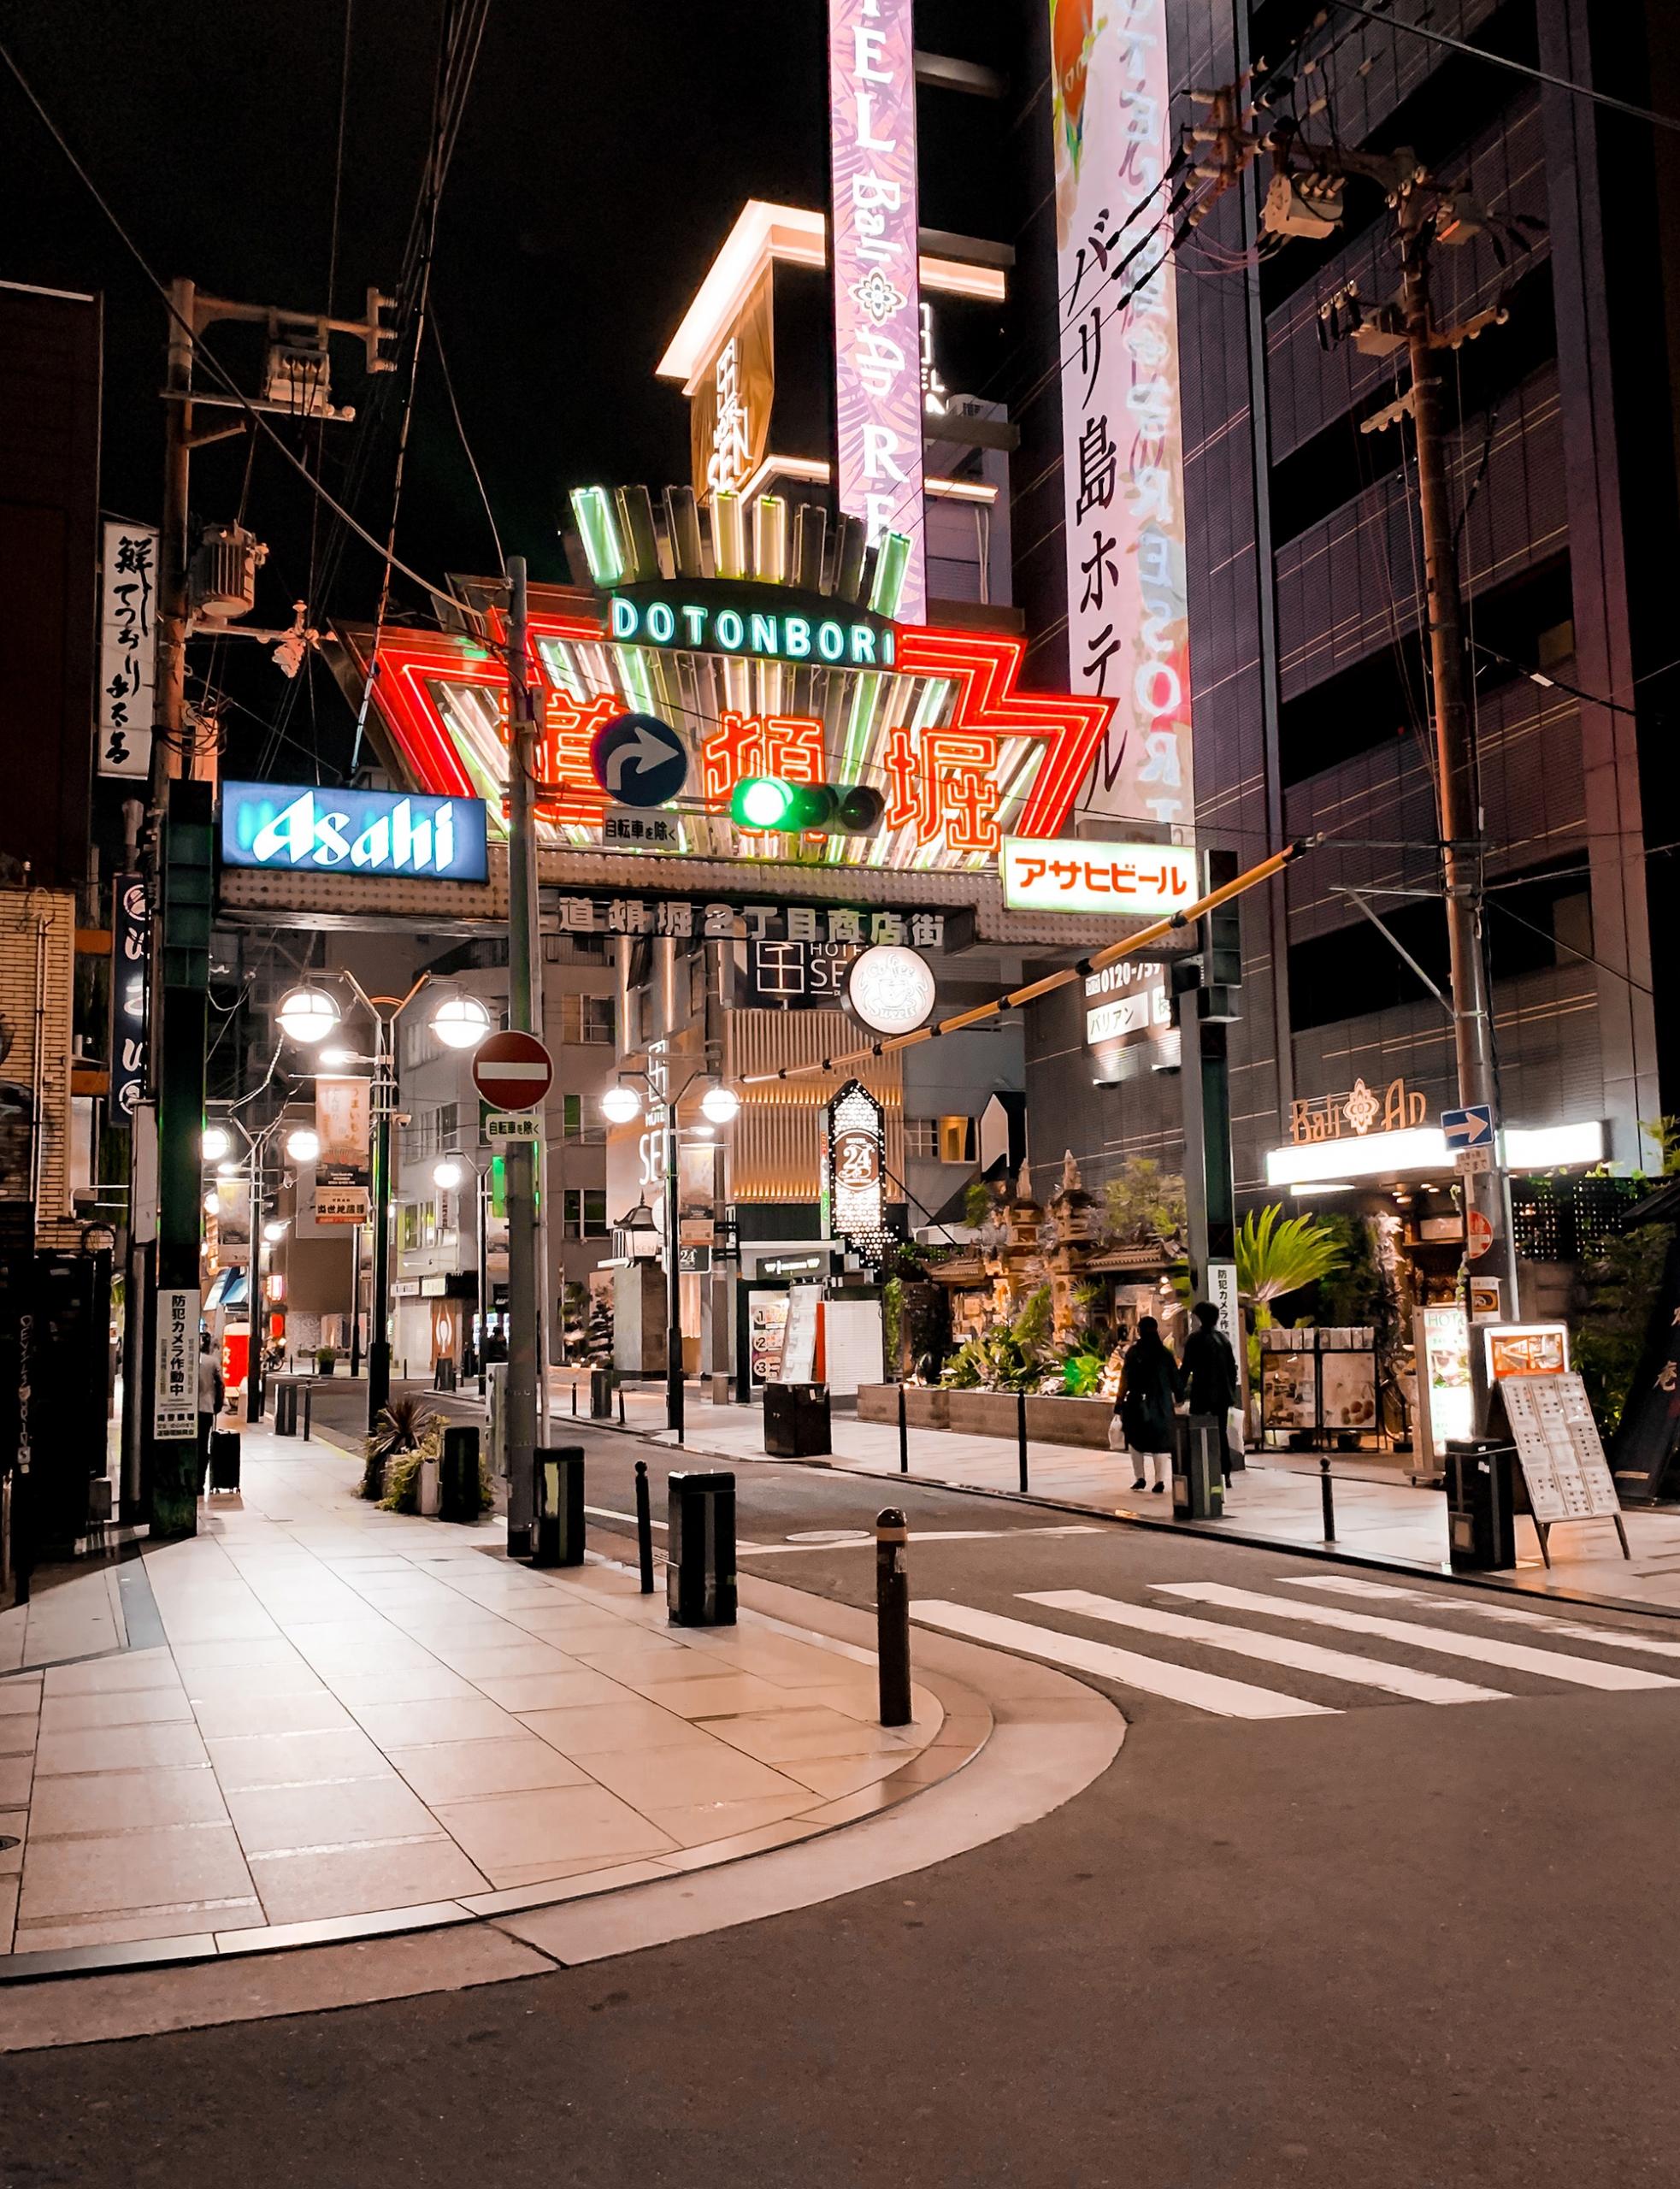 street food in Osaka - Dotonbori